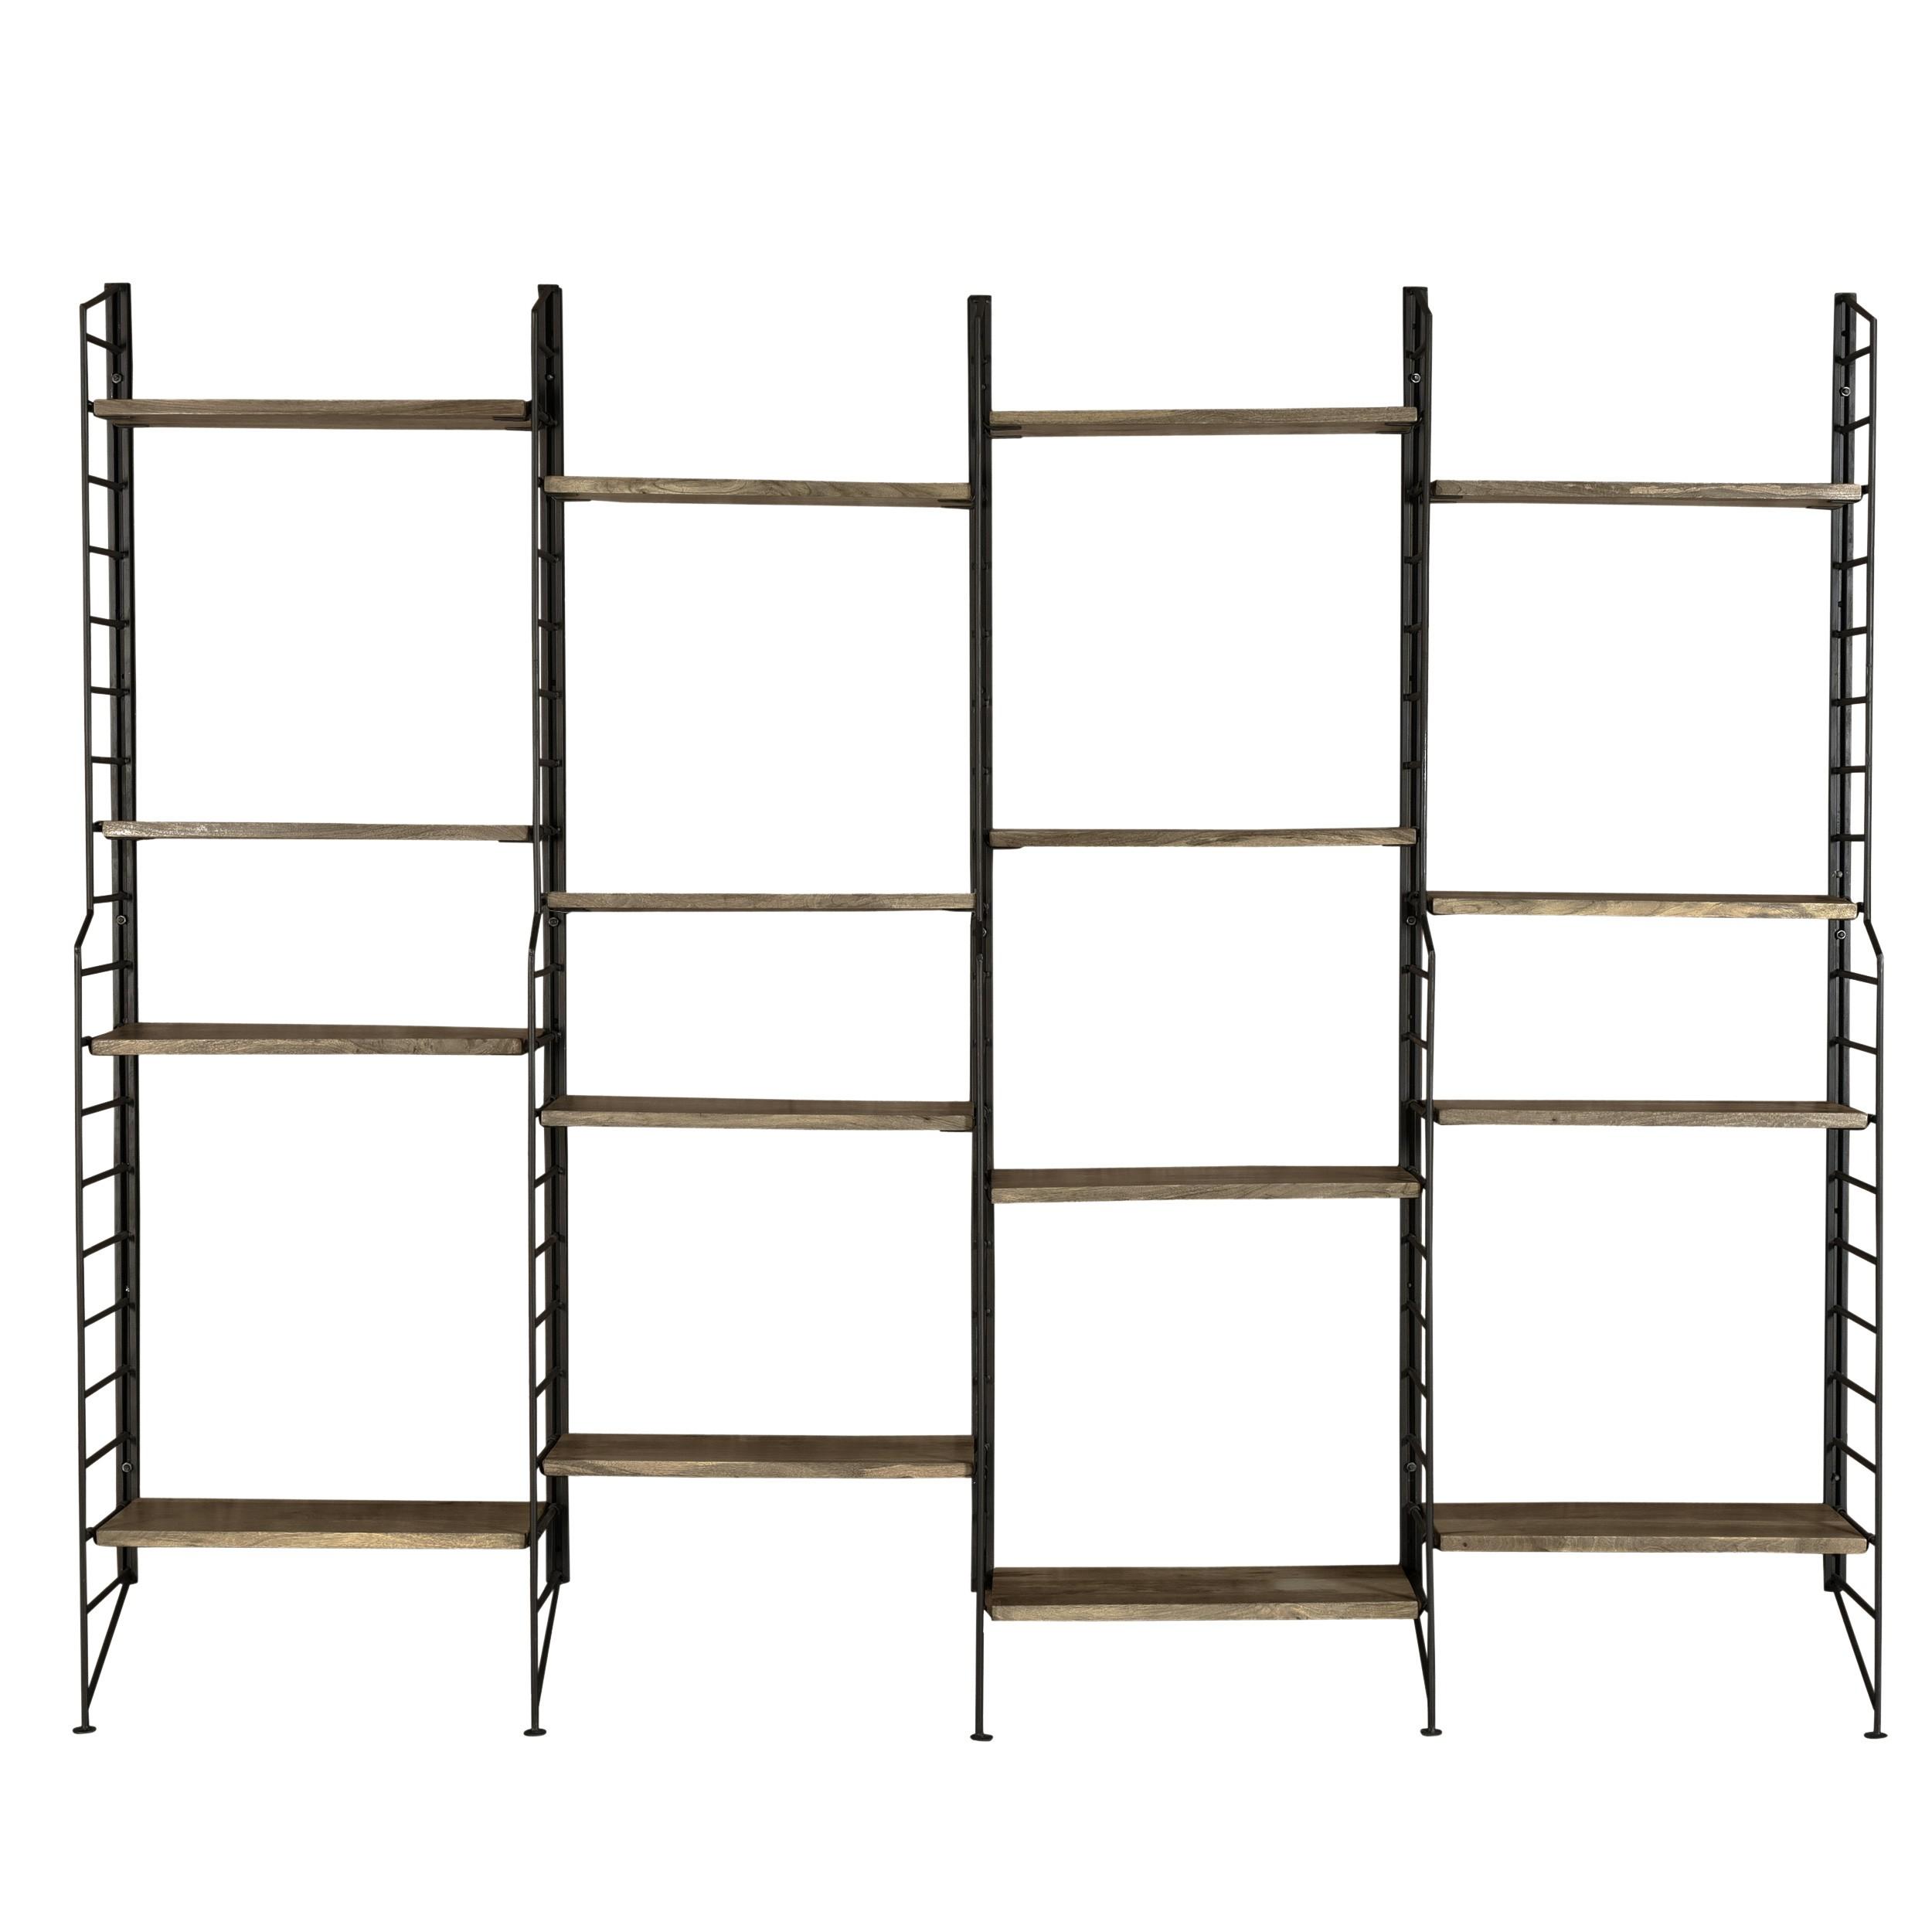 acheter-grande-etagere-en-bois-et-metal